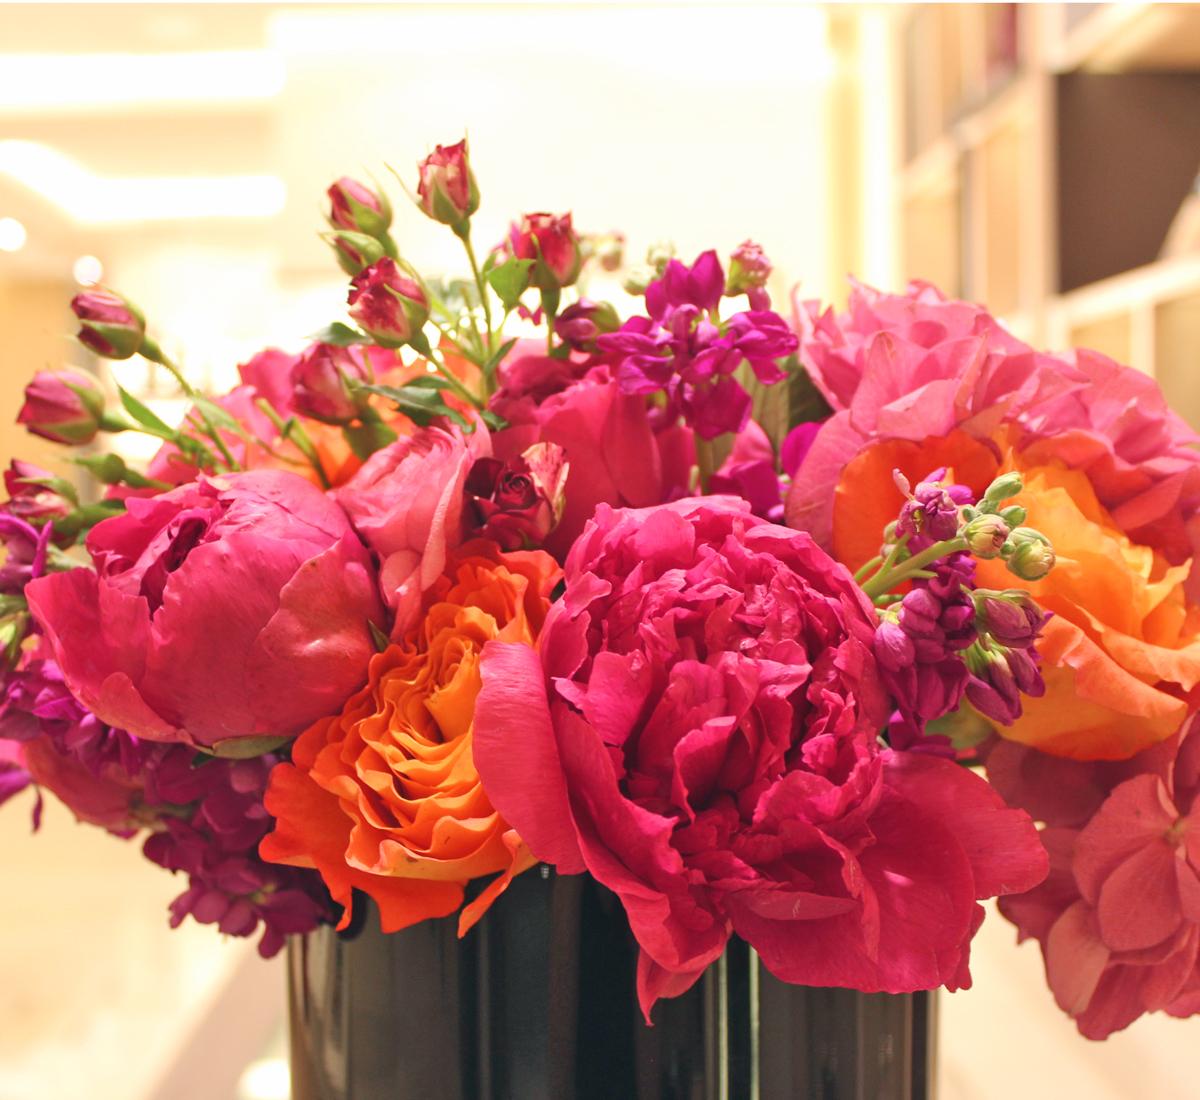 jewel-tone-flowers-3